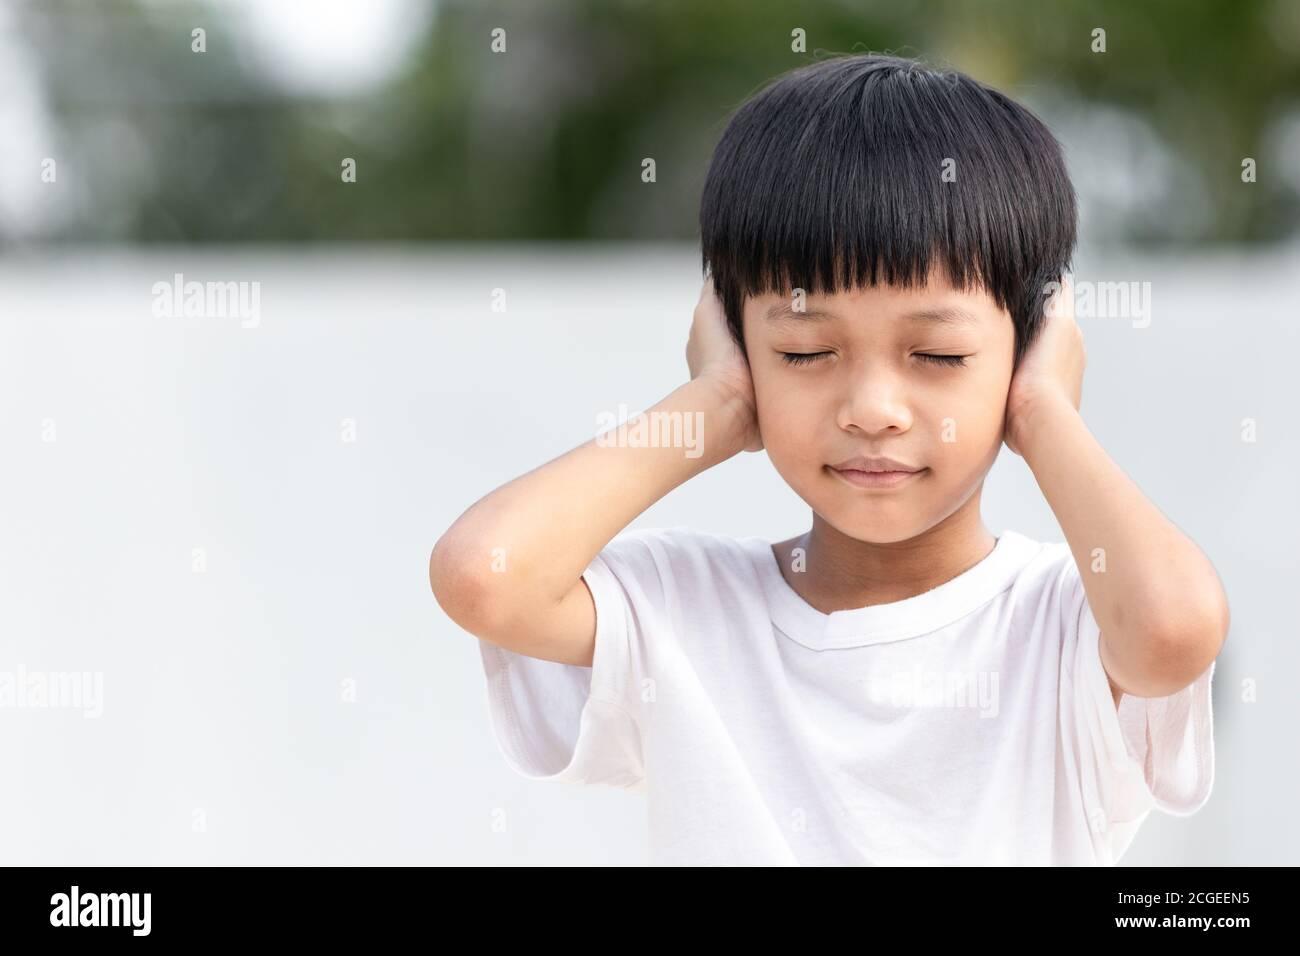 Il bambino asiatico gli coprì l'orecchio. Concetto di violenza familiare domestica. Bambino triste e infelice. Foto Stock